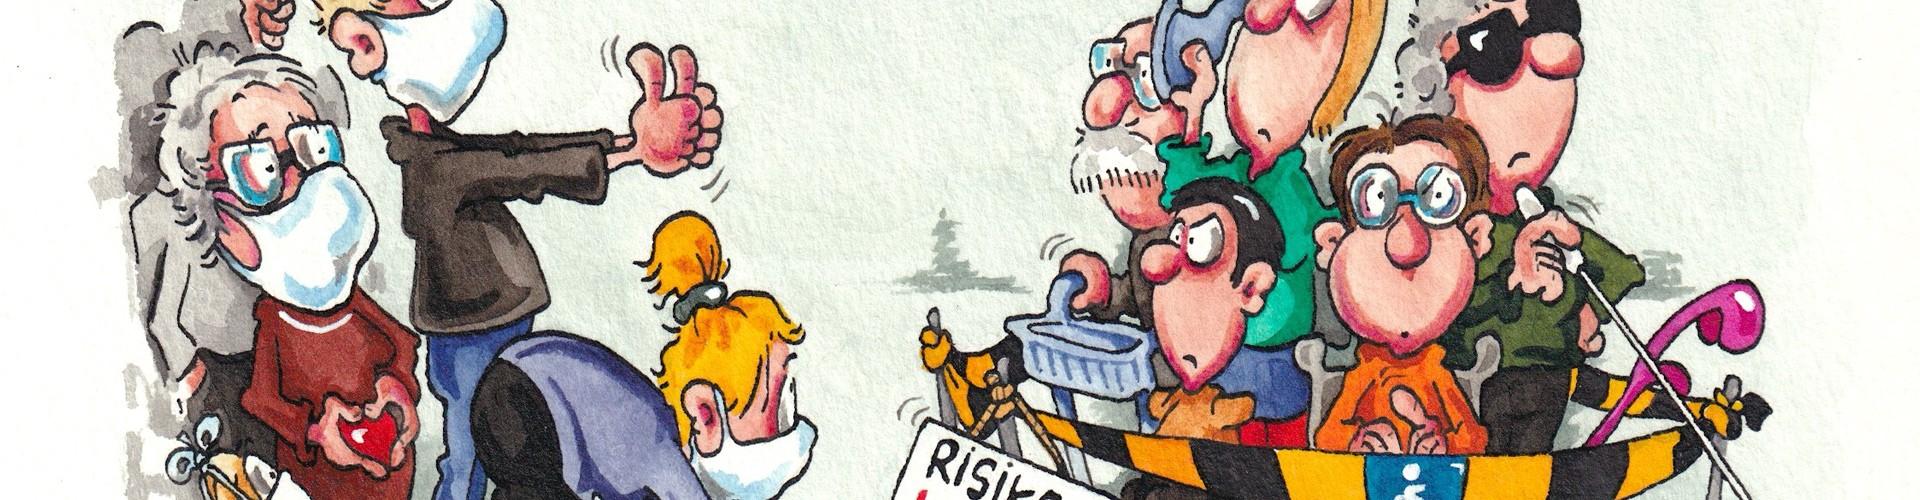 Ein Cartoon, unten steht: Inklusion in Zeiten der Pandemie. Darüber der Cartoon, rechts mit einem gelbschwarzem Band mit blauem Rollstuhlpiktogramm eingegrenzt eine blinde Frau mit Taststock, 2 Männer im Rollstuhl, eine schwerhörige Person die einen Trichter ans Ohr hält, ein älterer Mann mit Rollator. Alle ohne Maske. Auf der Abgrenzung steht: Risikogruppe. Links davon im Freien 1 Mann, 2 Frauen und ein kleiner Hund mit Maske, Herzluftballon. Eine Frau legt Blumen vor die Absperrung.